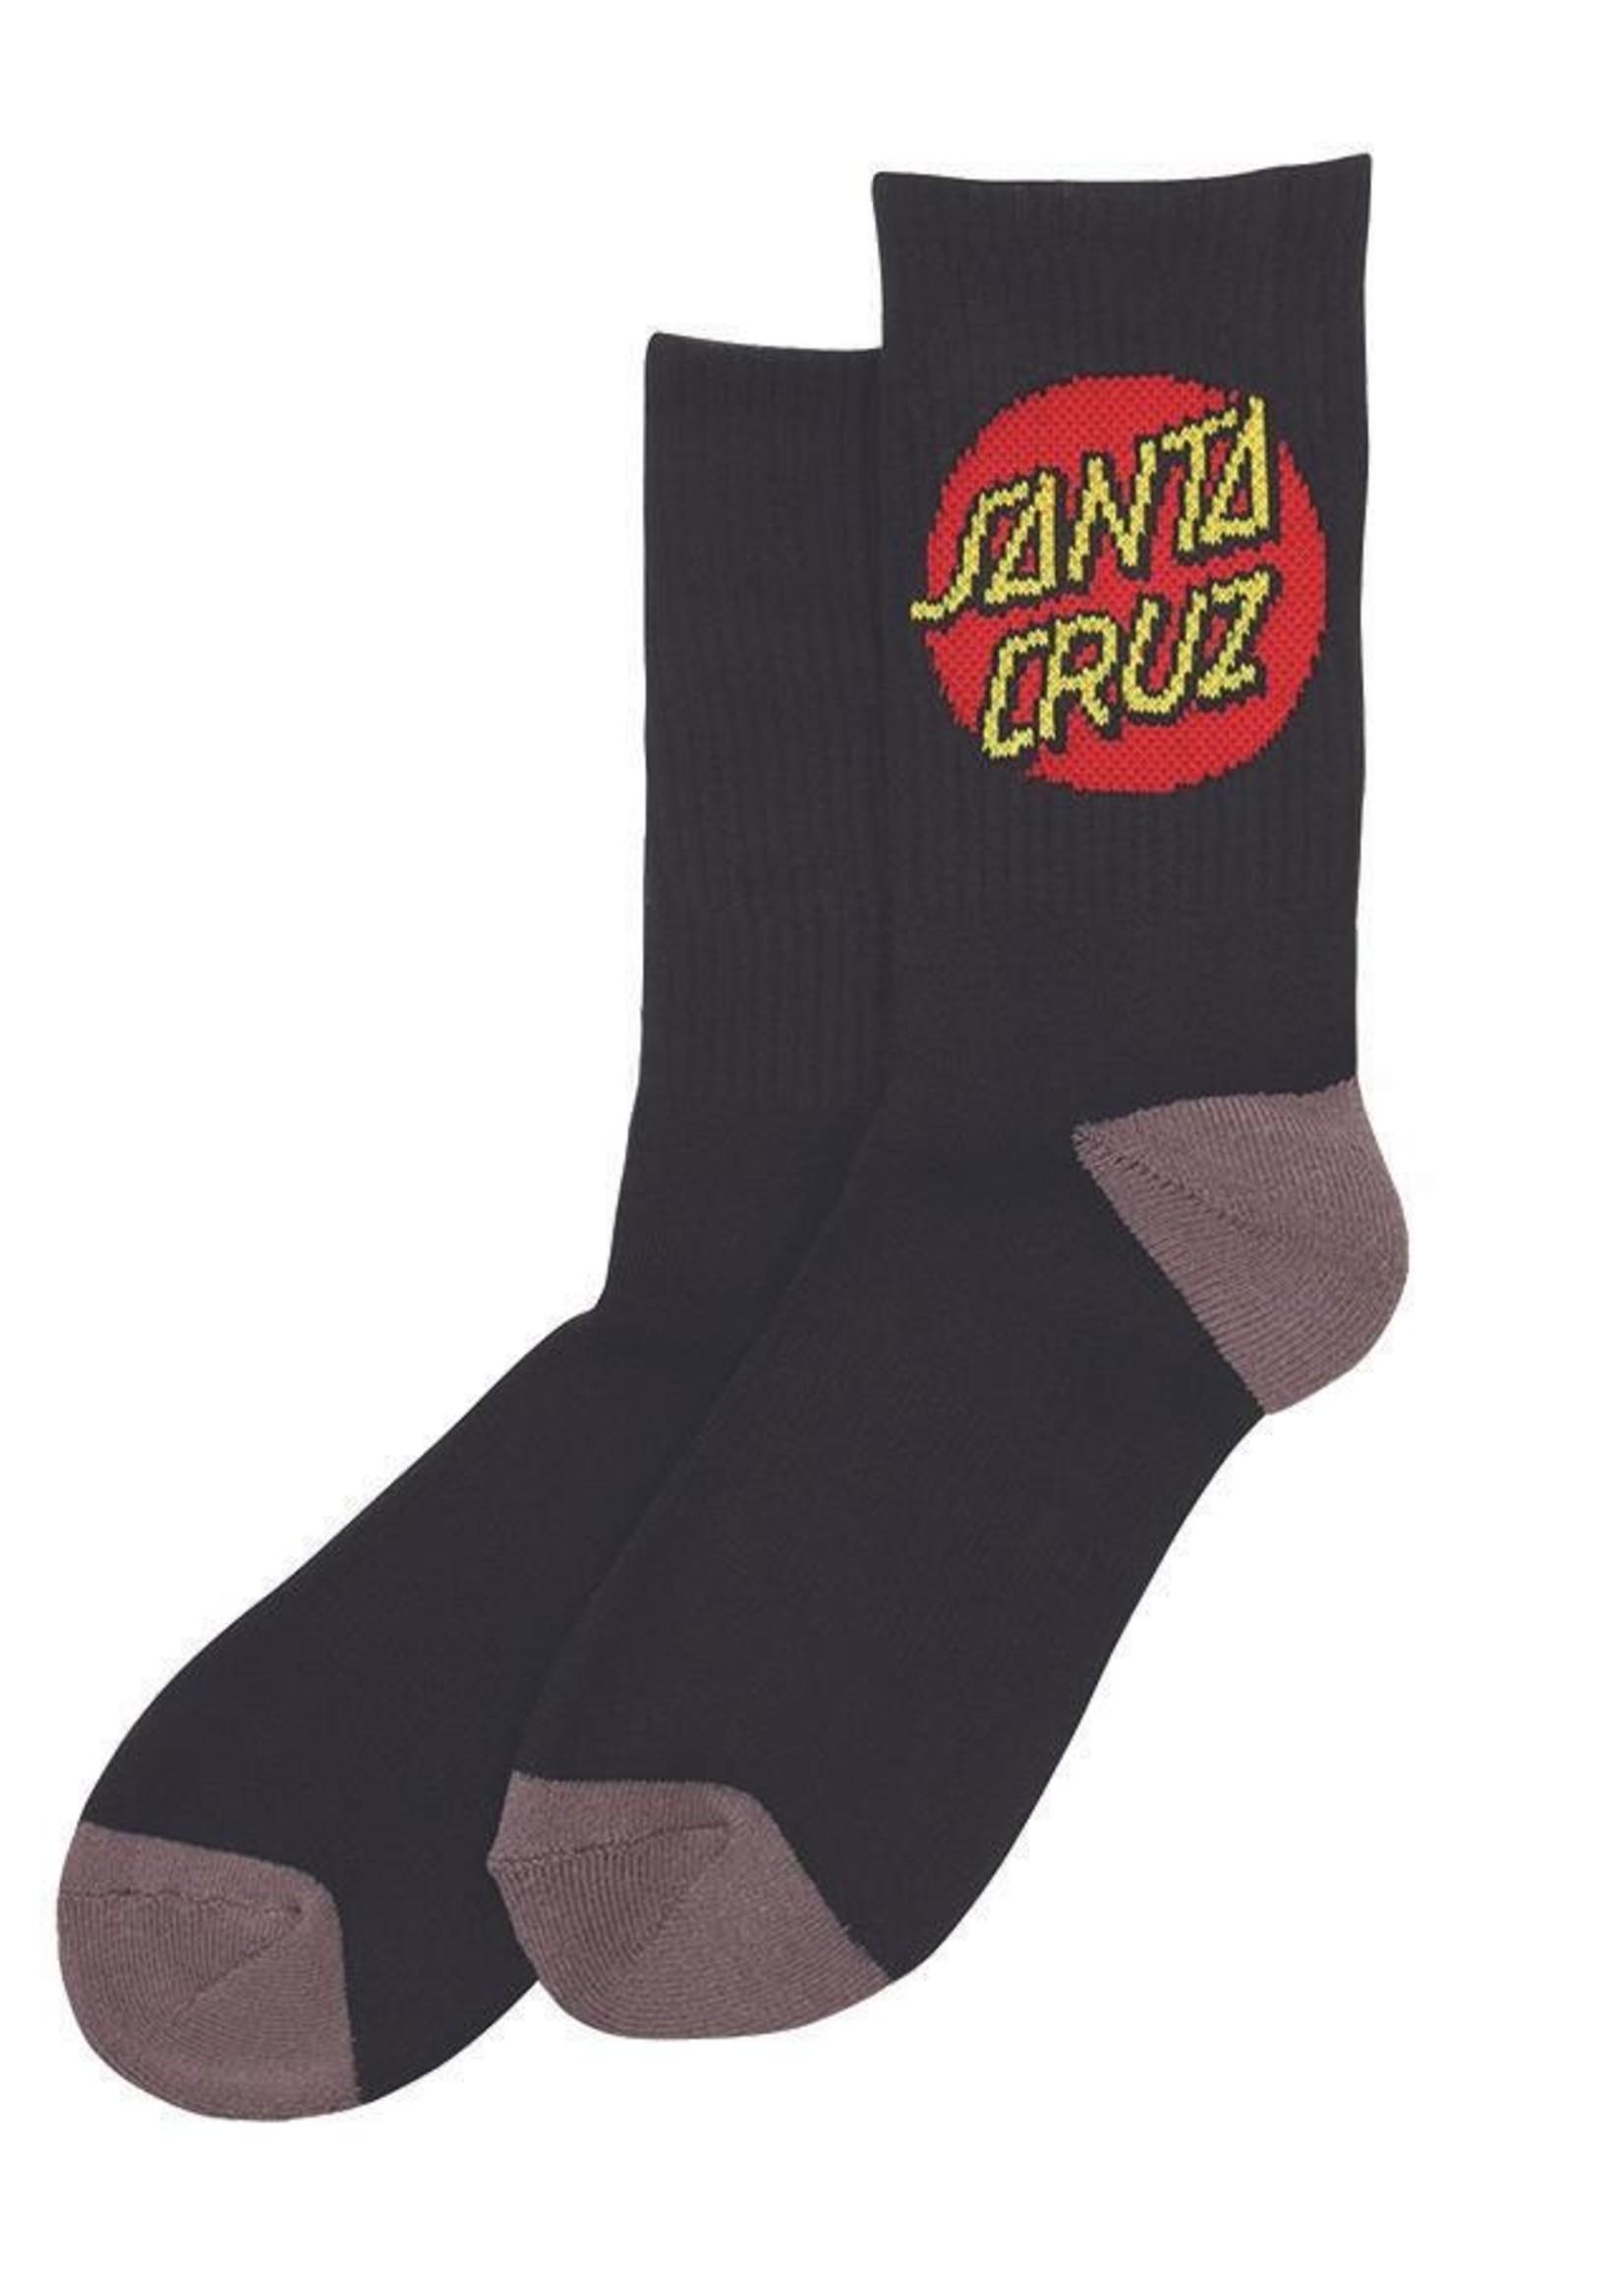 Santa Cruz SANTA CRUZ YOUTH SOCKS CRUZ 4 PAIRS 44642395